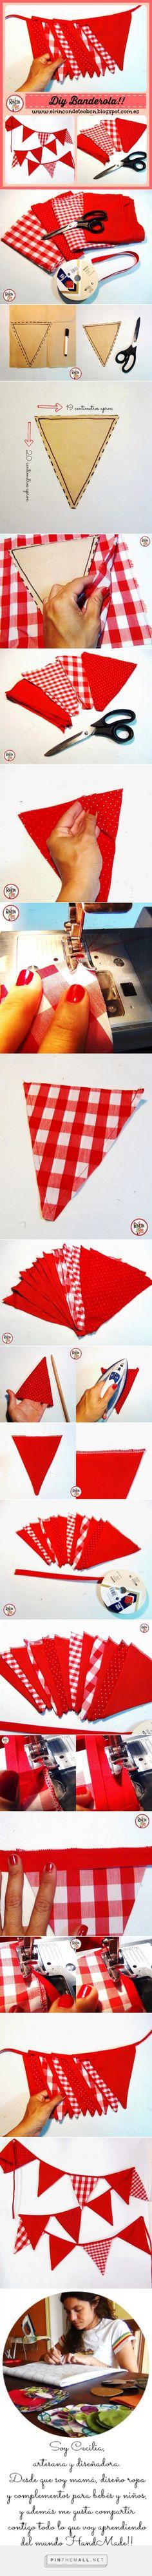 El Rincón de Teo: Cómo hacer una Banderola paso a paso! Hazlo Tú Misma con este Tutorial! http://elrincondeteobcn.blogspot.com.es/2014/06/diy-banderola-tutorial-paso-a-paso.html #banner #fabricbanner #banderola #diy #tutorial #tutorialdiy #sewingtutorial #sewingbanner #handmade #fetama #hechoamano #elrincondeteo #howtosew #howtomake #fabric   - created via http://pinthemall.net